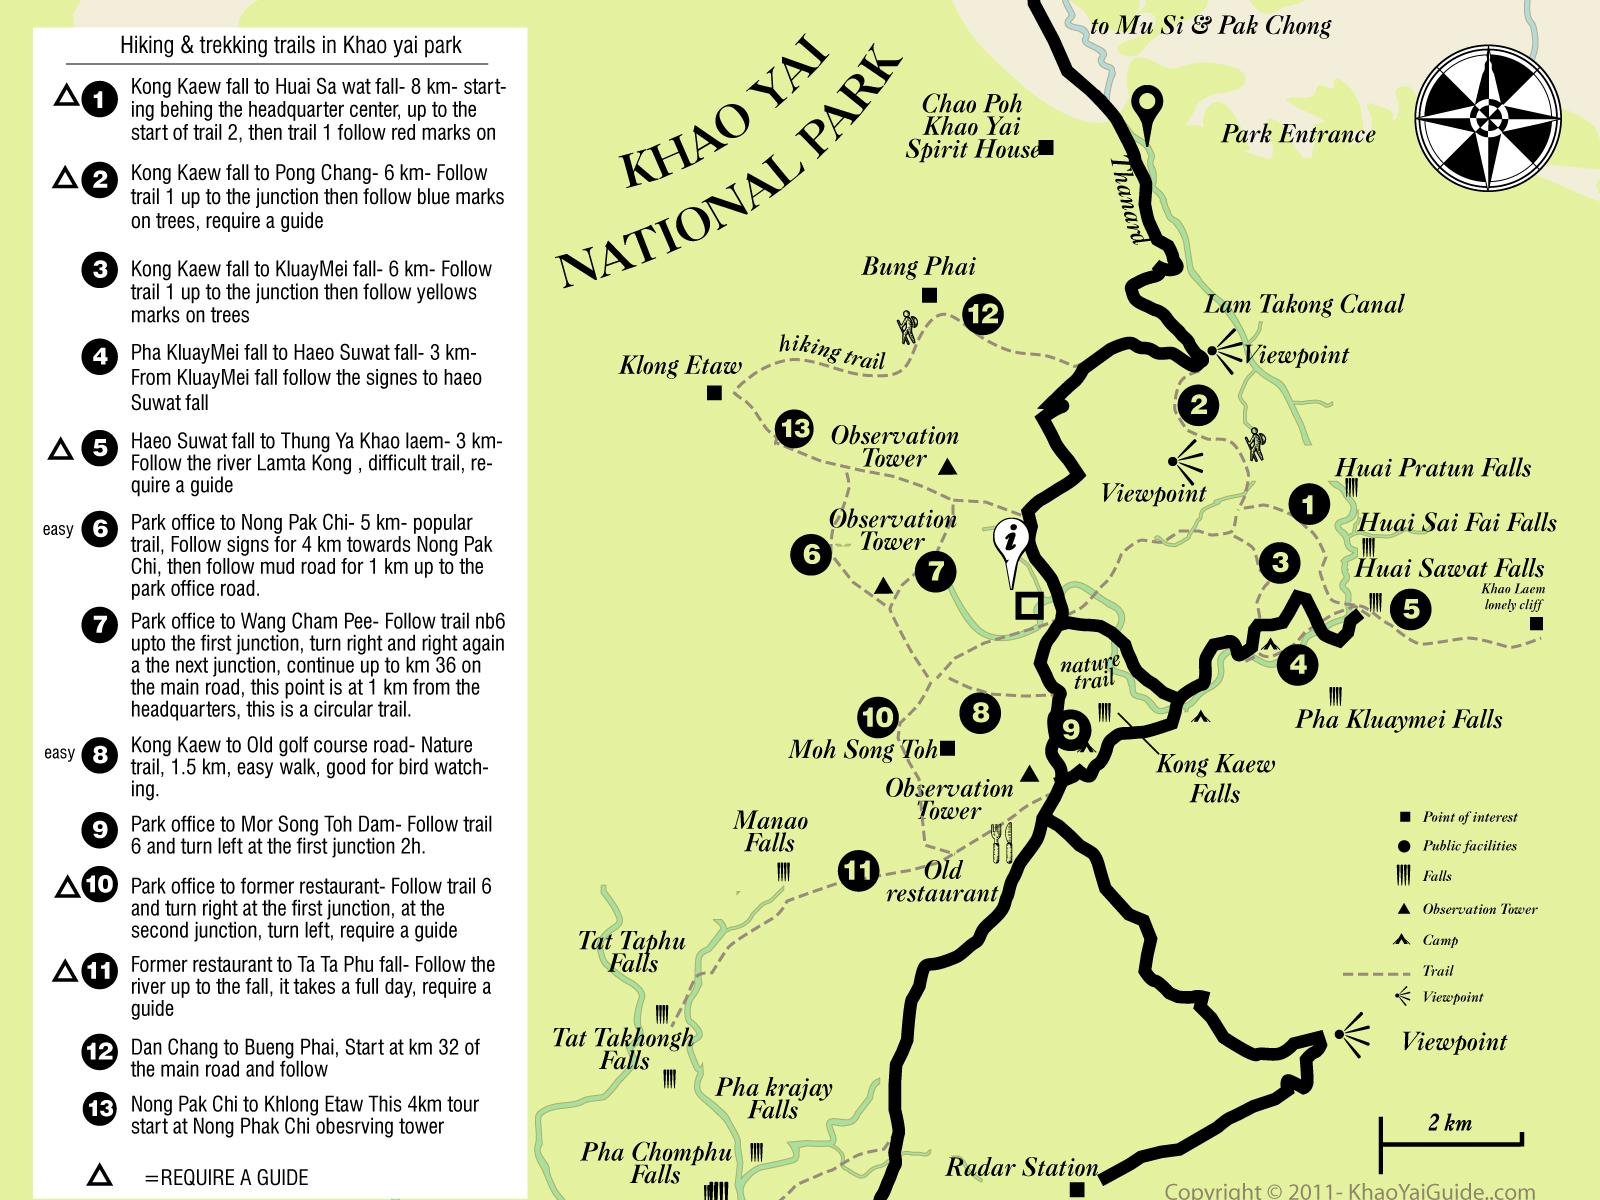 11 - khao-yai-hiking-trekking-tr.jpg